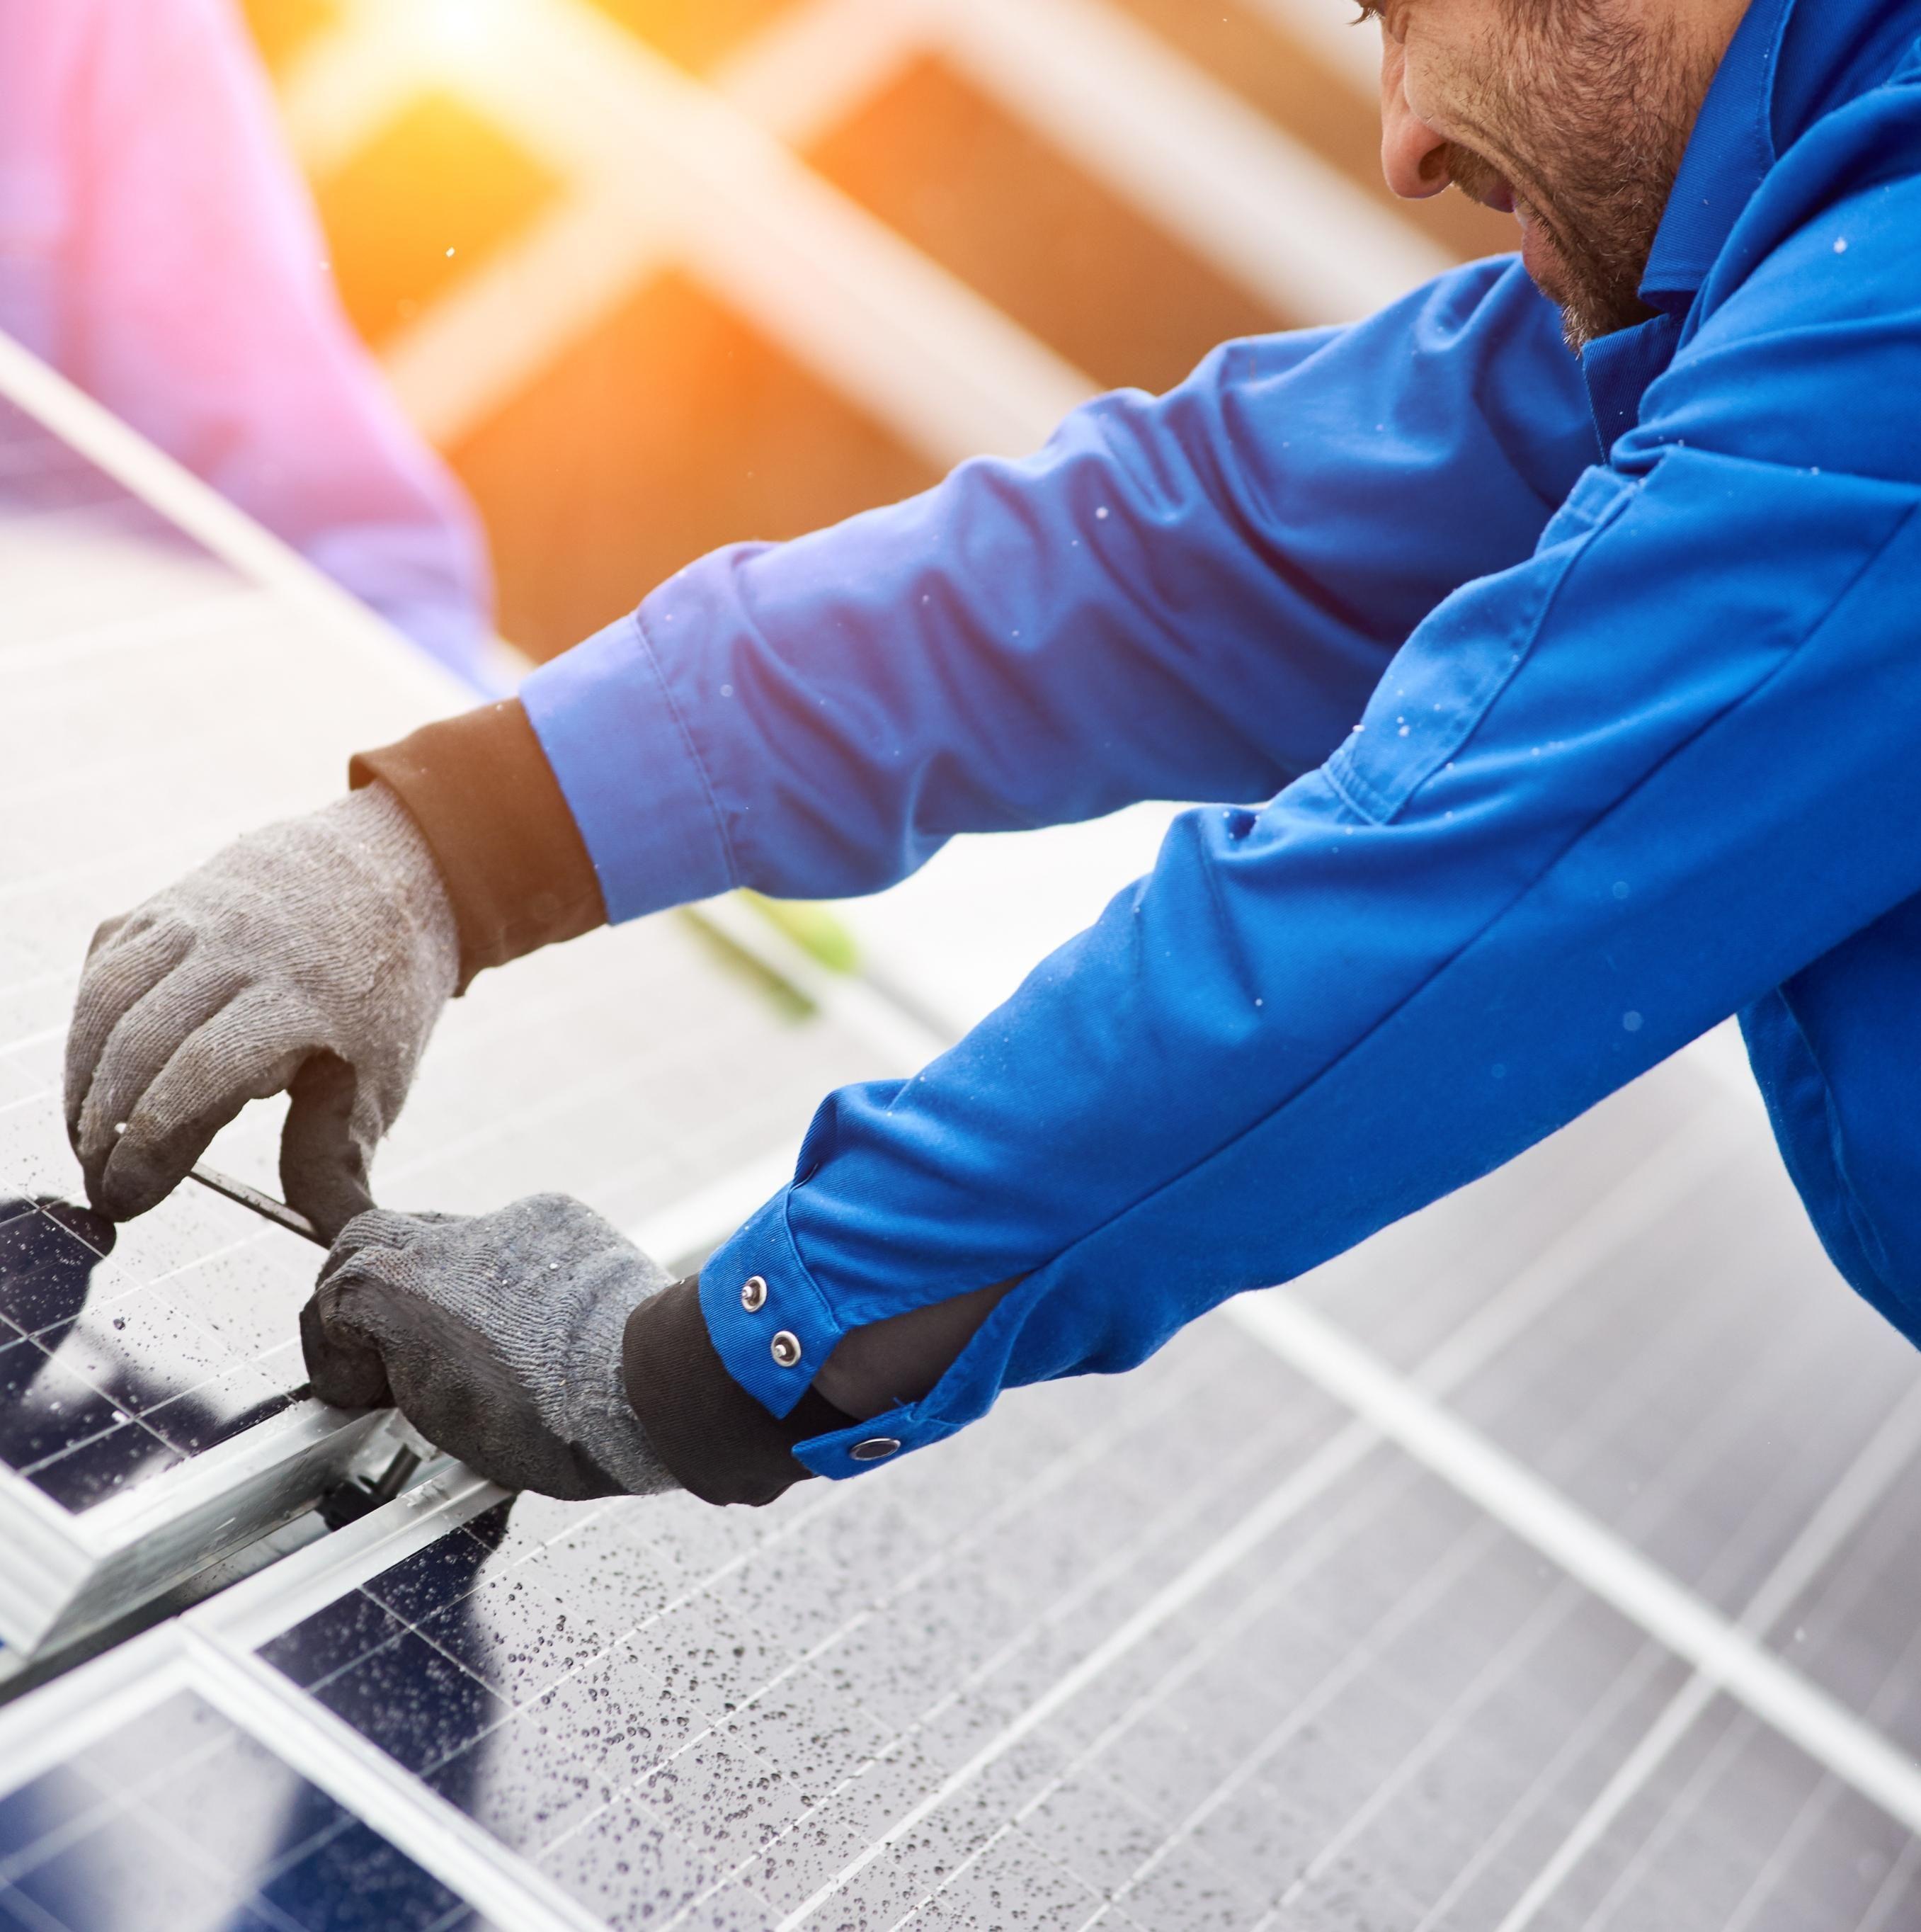 Bilde av en mann som monterer solceller